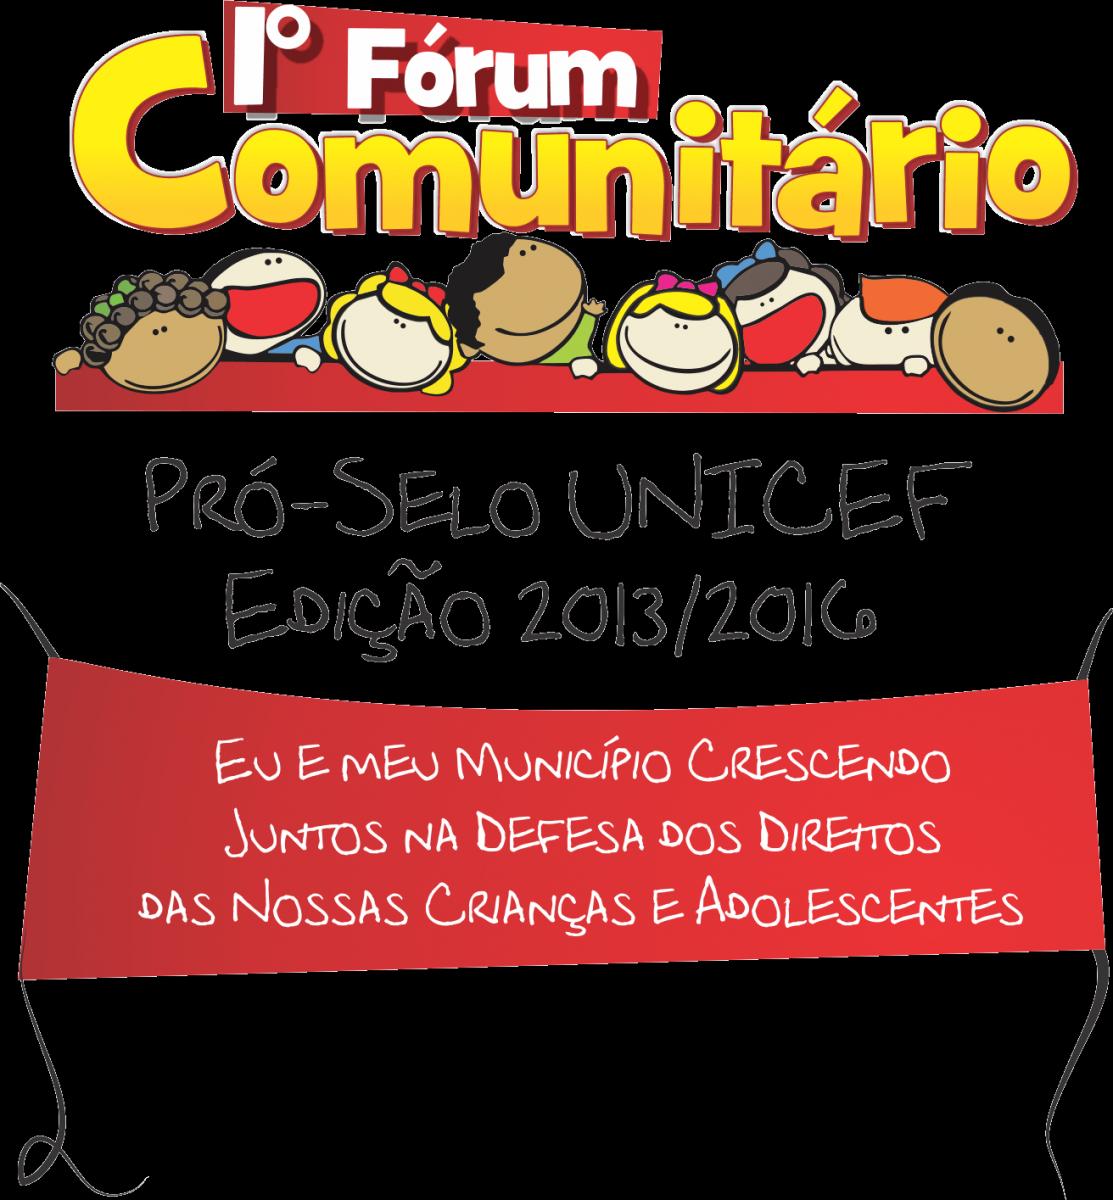 1º Fórum Comunitário